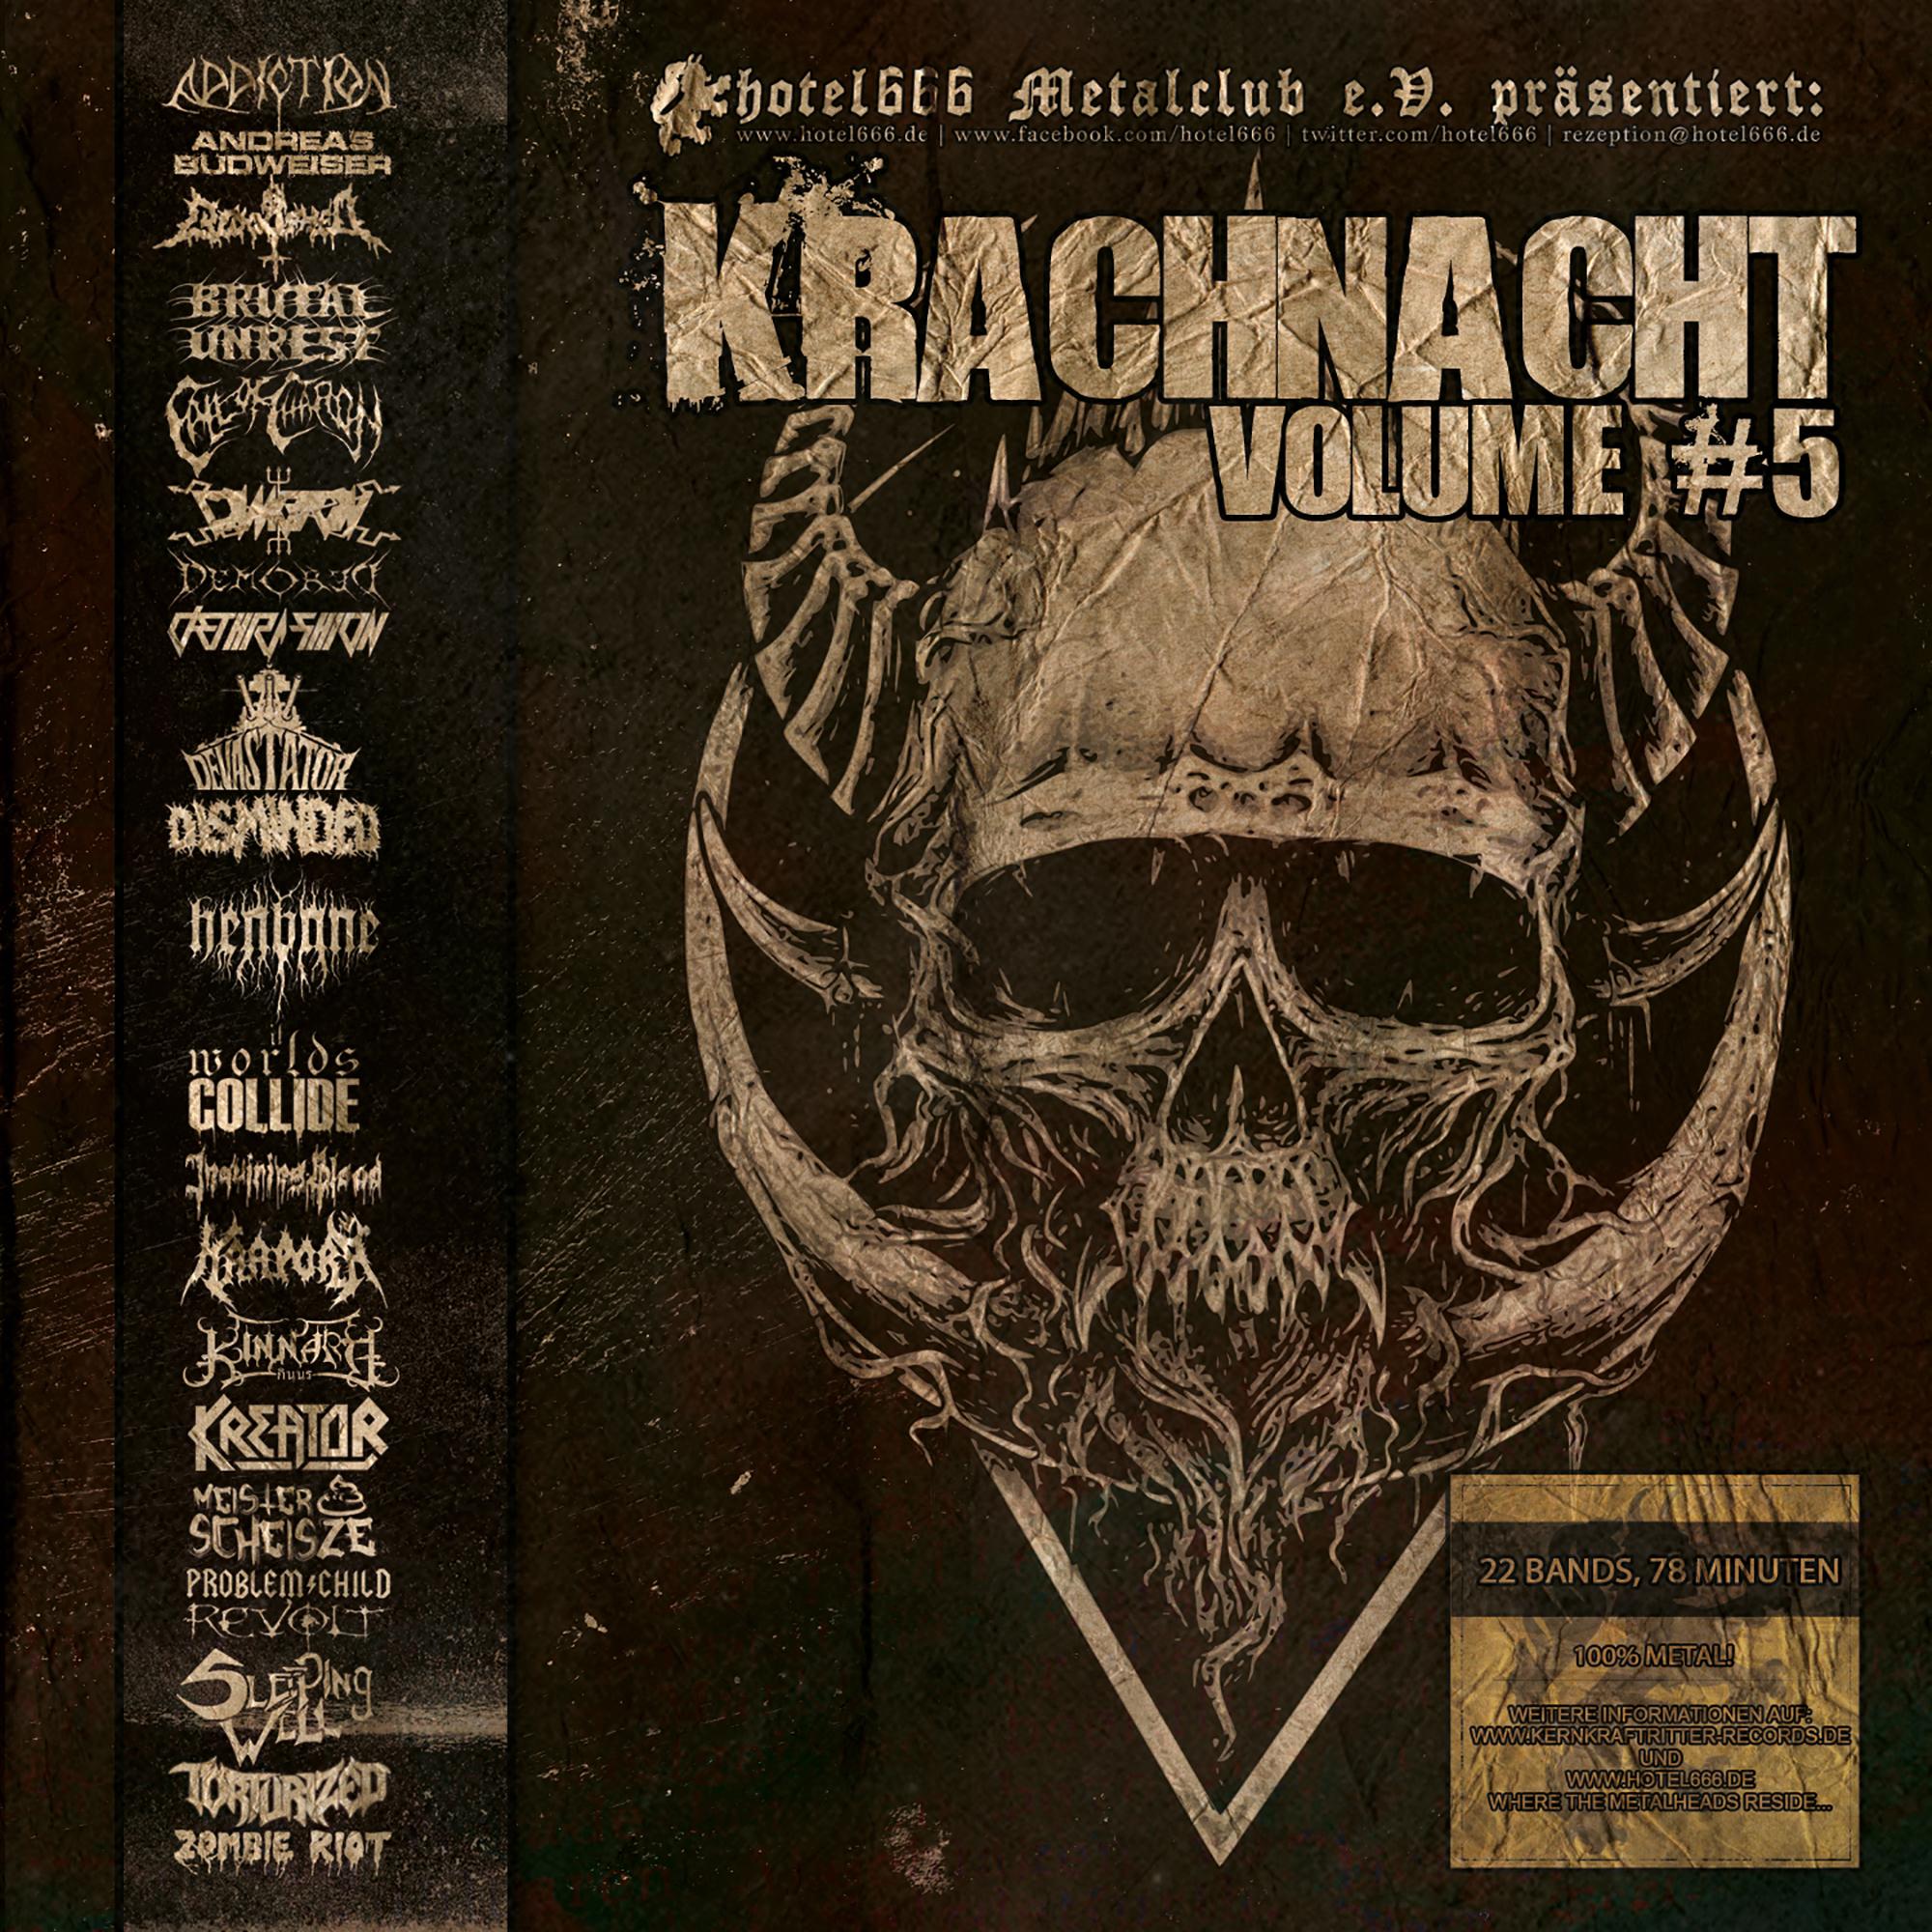 Krachnacht 5